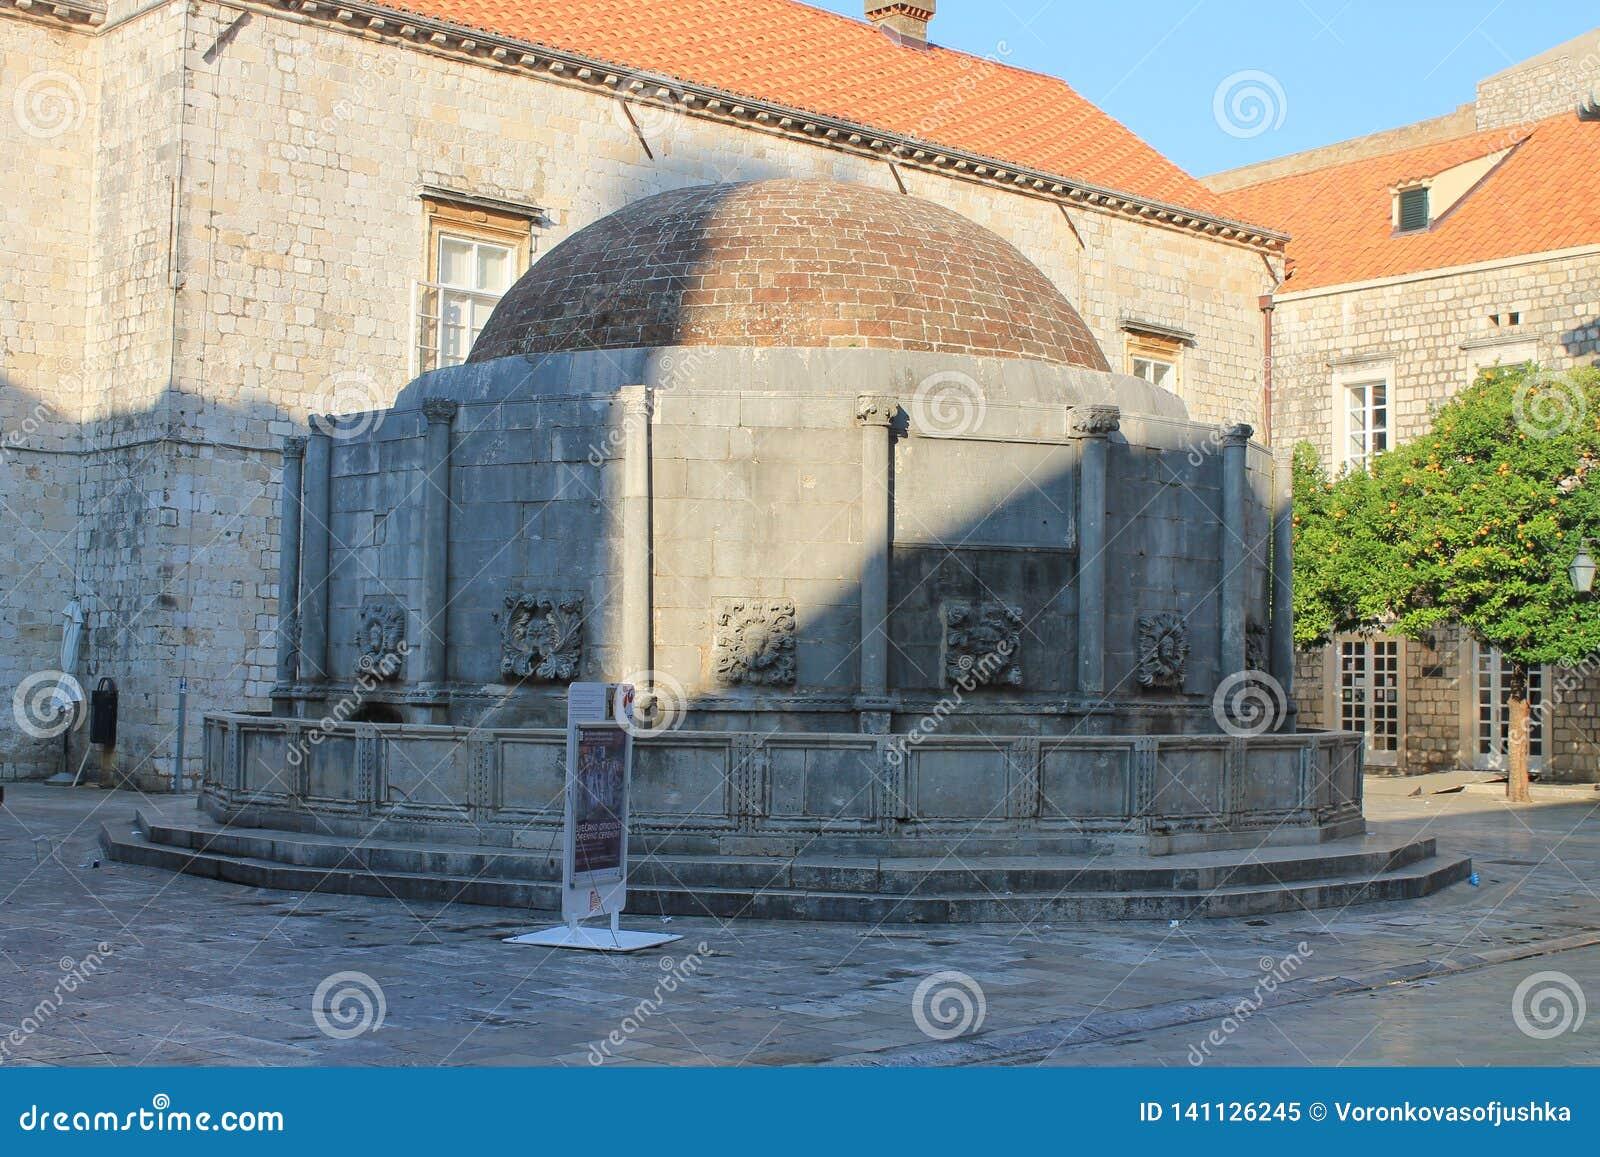 喷泉在杜布罗夫尼克克罗地亚老镇的中心广场